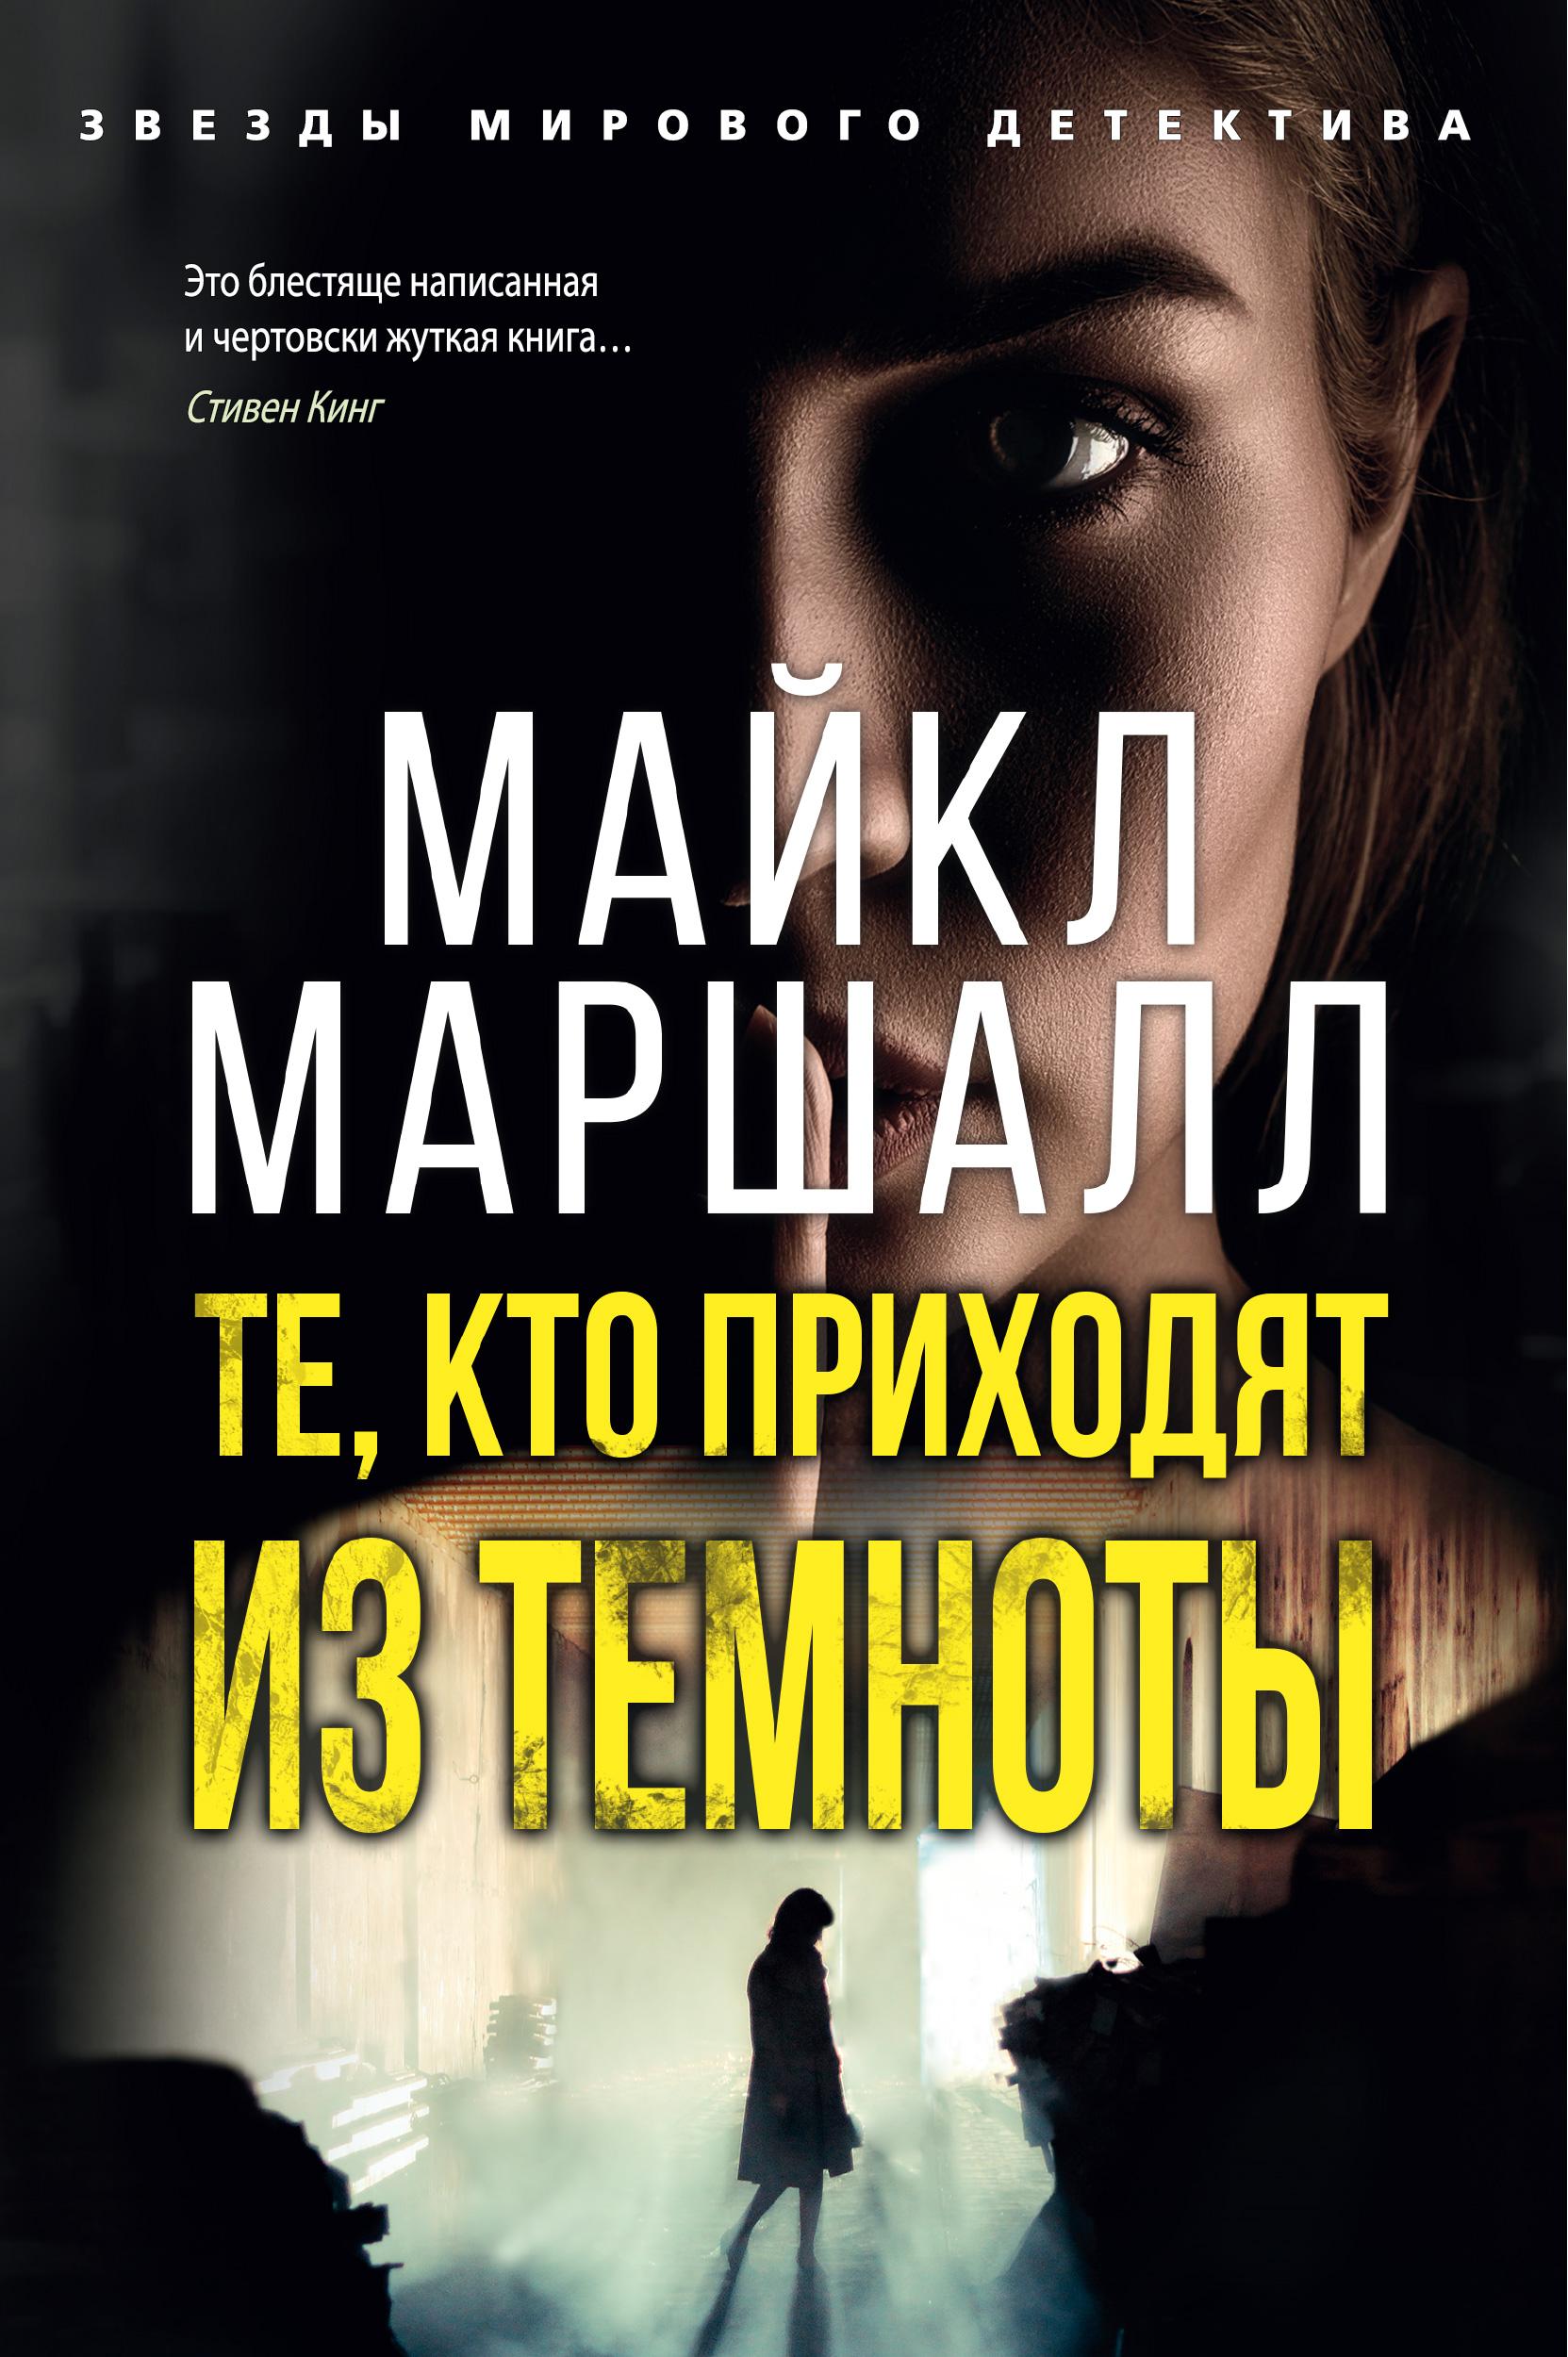 10 авторов детективов, о ком стоит узнать больше. Часть 1. - Изображение 21